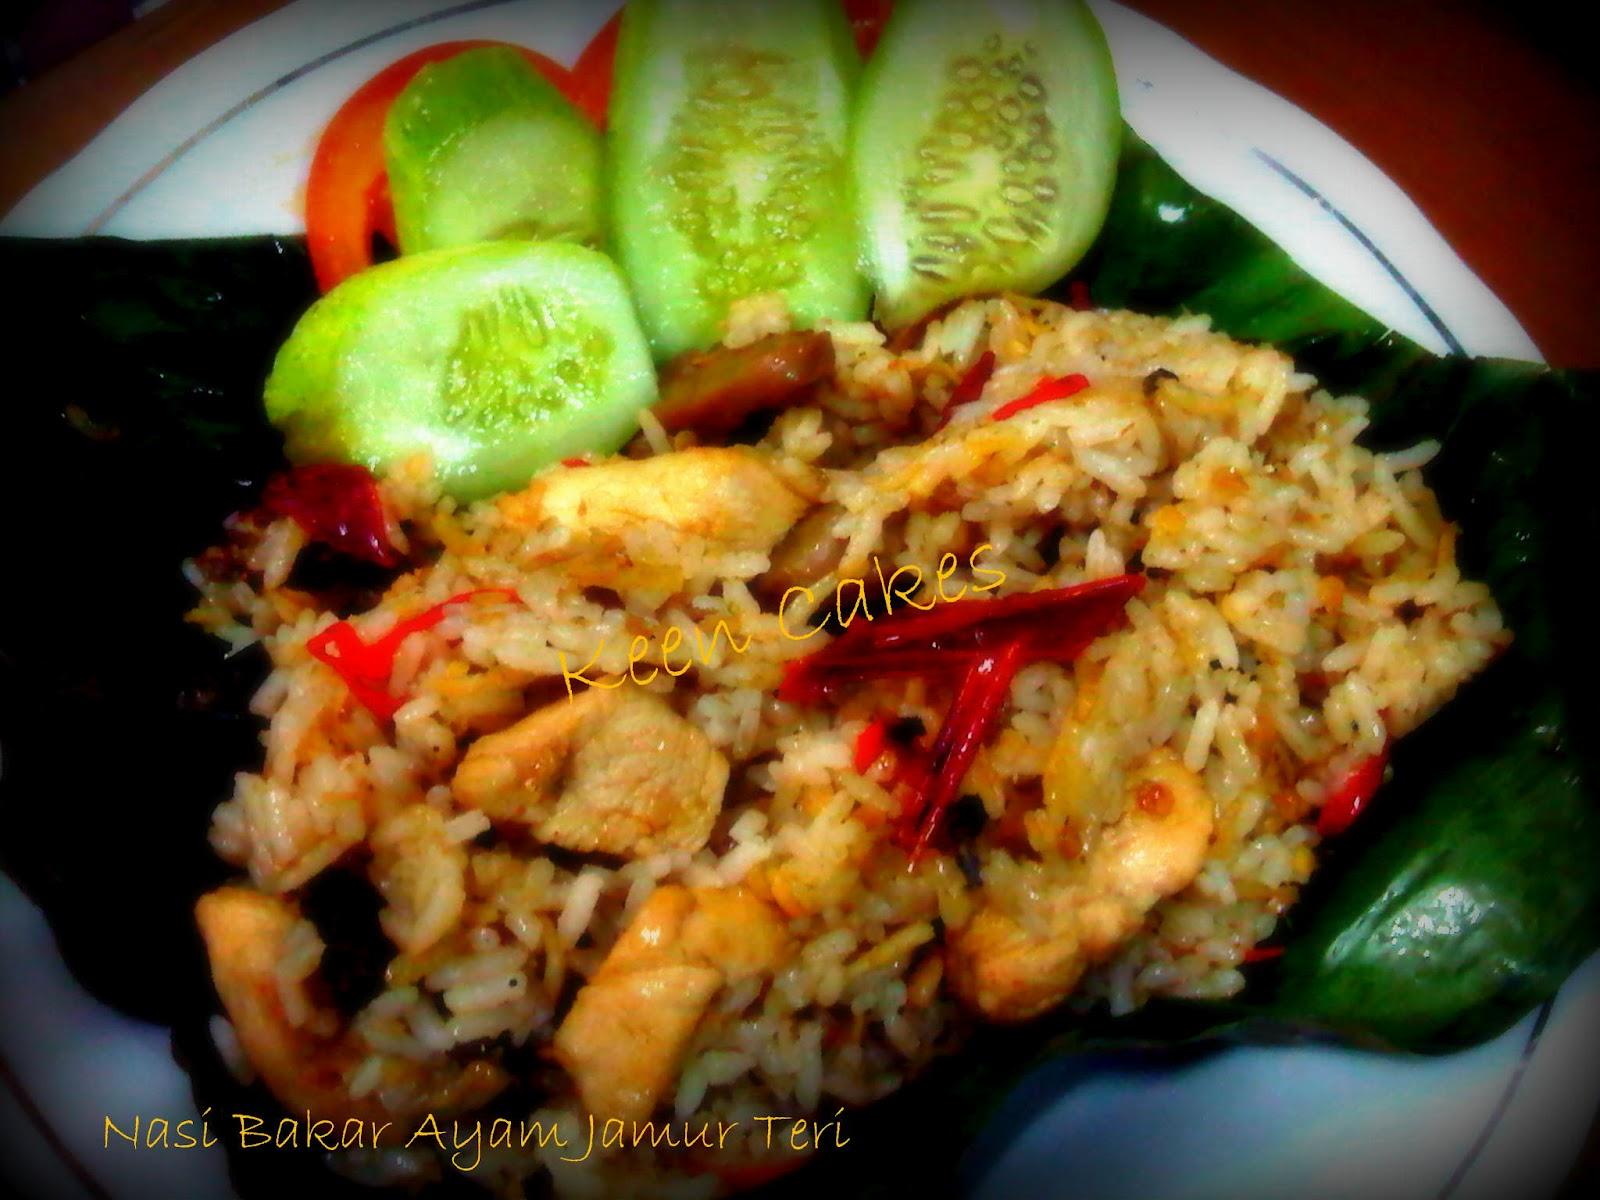 Resep Cake Pisang Ncc Fatmah Bahalwan: Keen Cakes: Nasi Bakar Ayam Jamur Teri